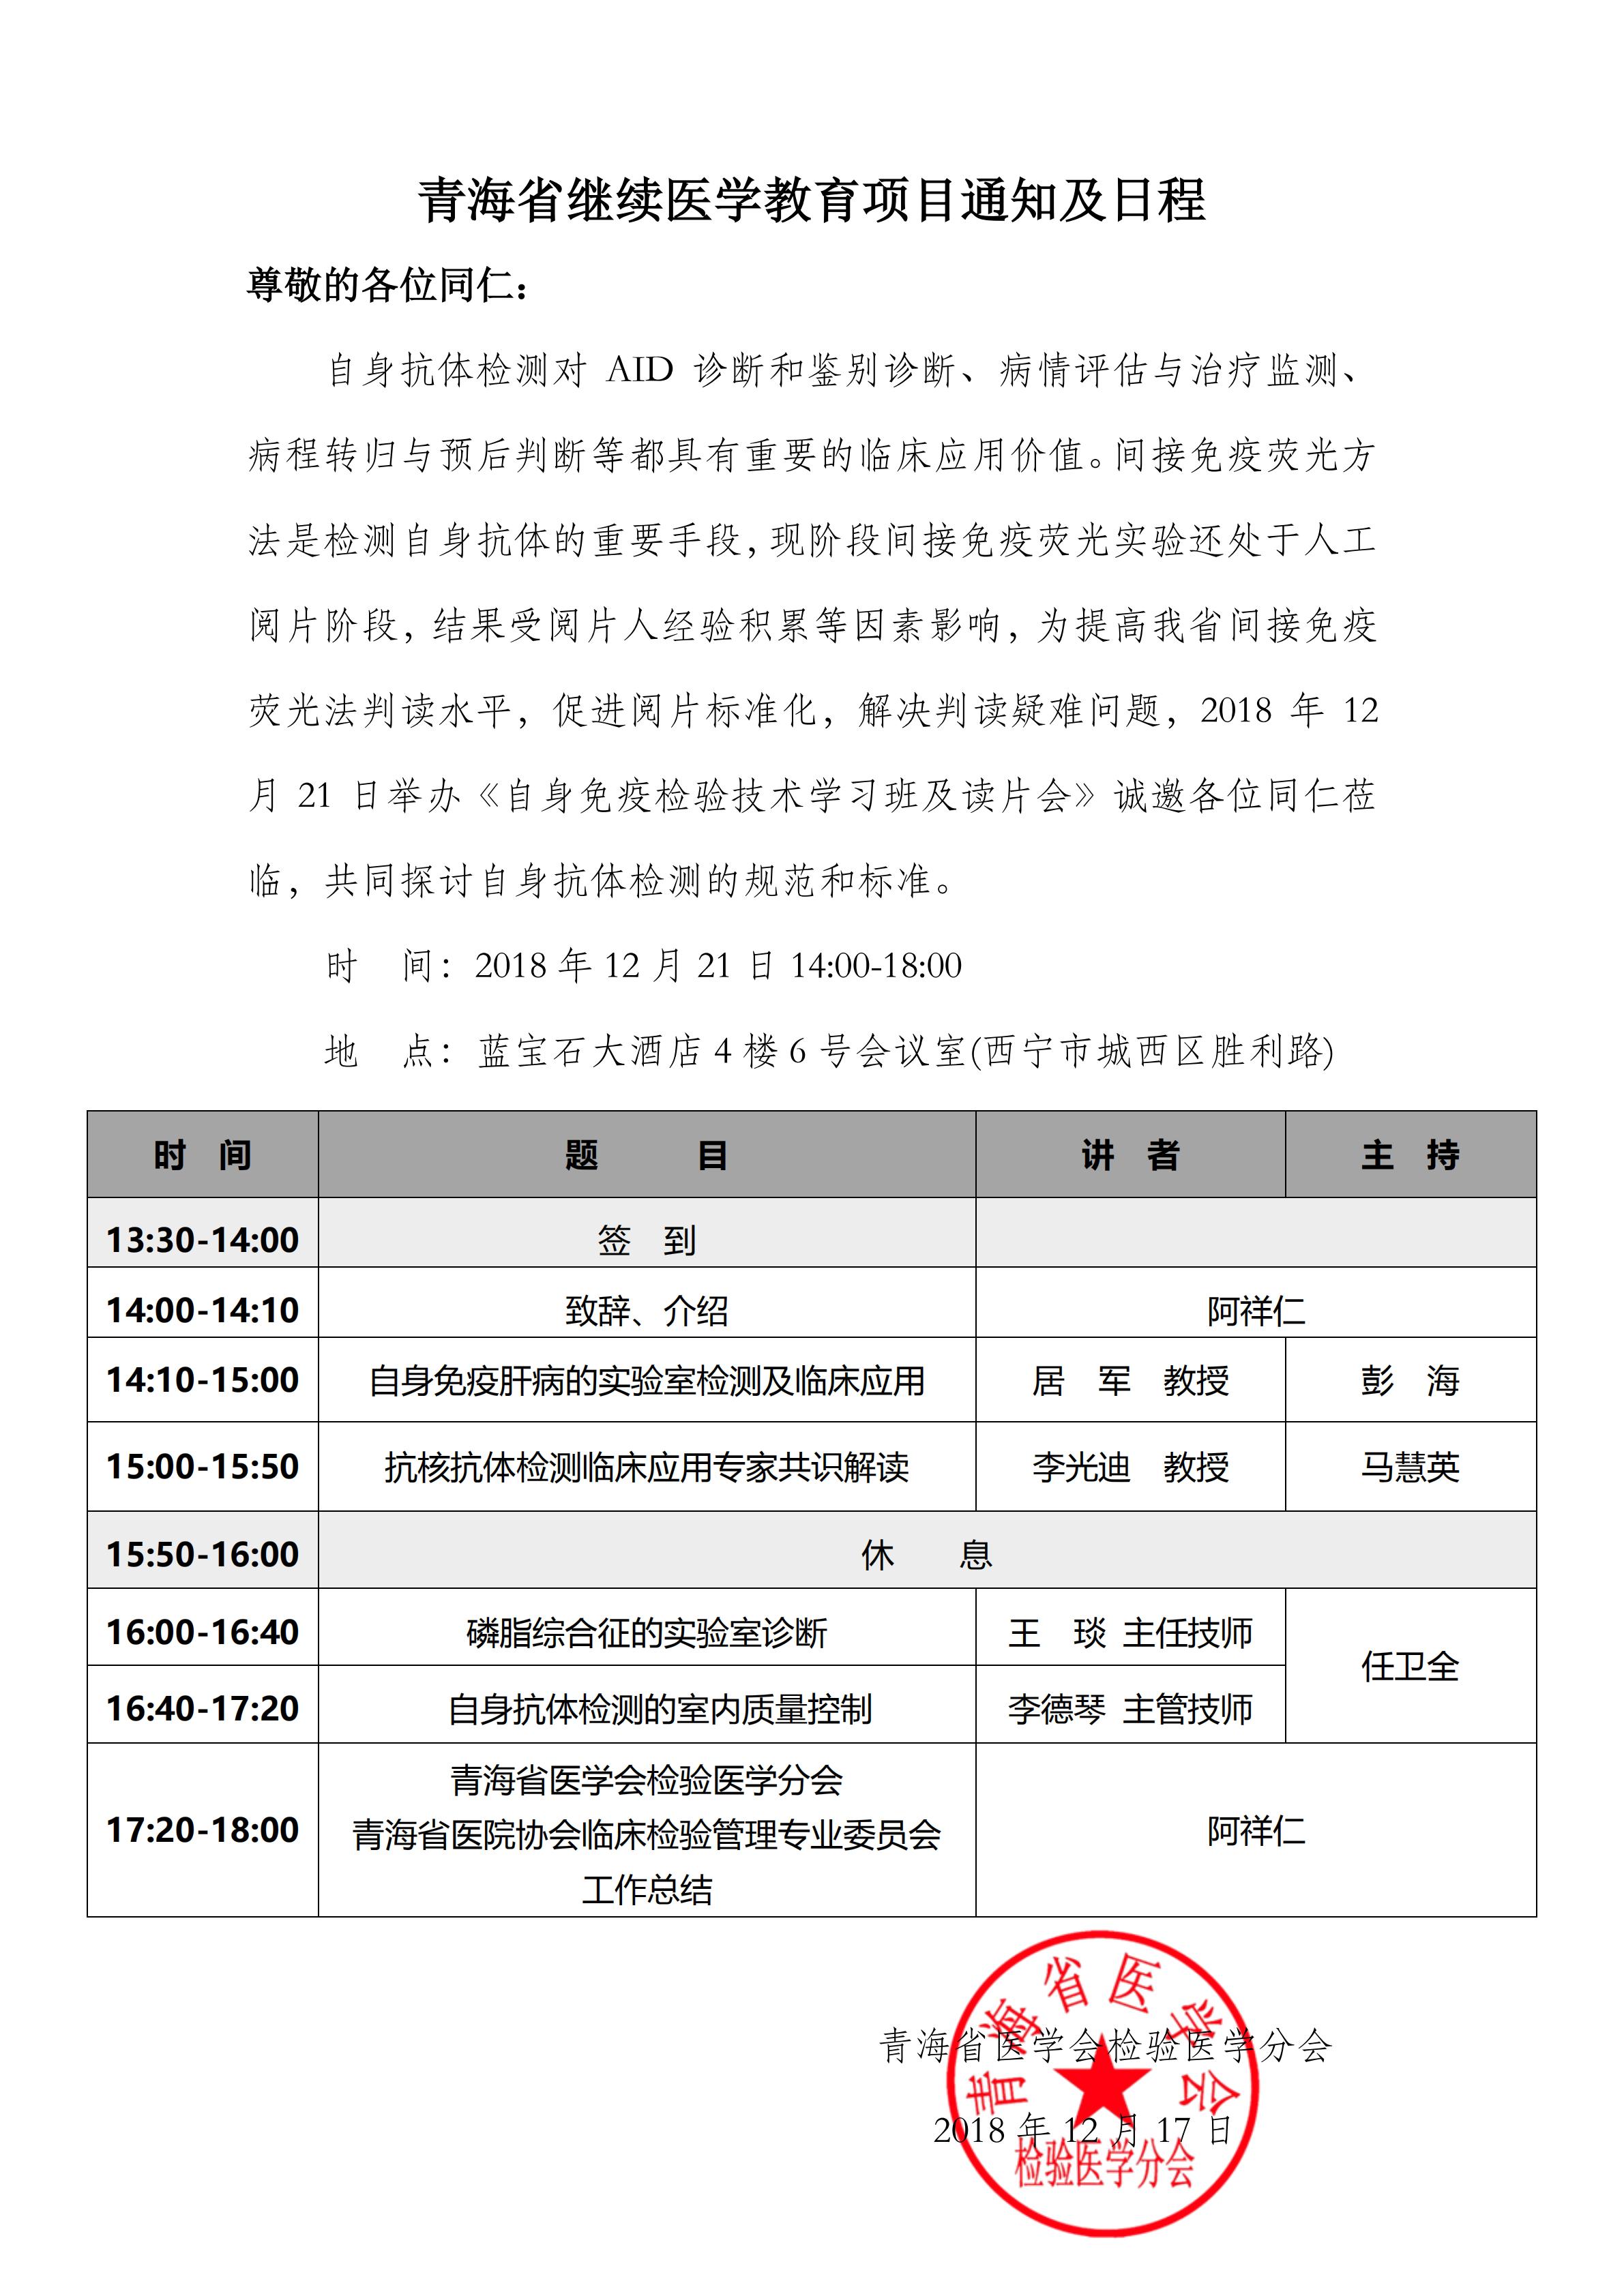 自身免疫亚博体育app苹果下载地址技术学习班及读片会.png